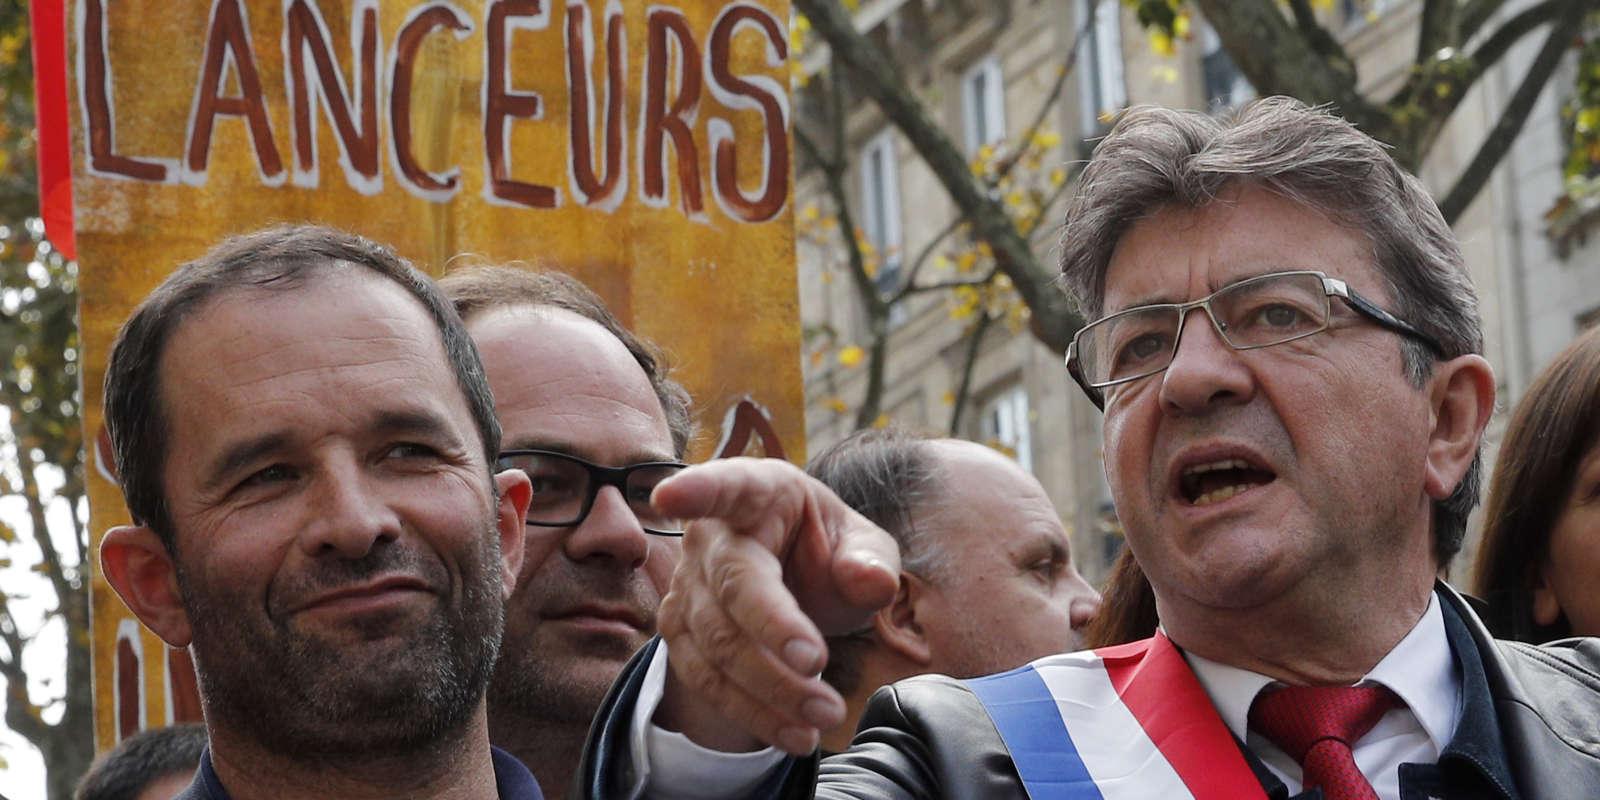 Le leader de La France insoumiseJean-Luc Mélenchon, en compagnie de Benoit Hamon, lors de la manifestation contre la réforme du code du travail, le samedi 23 septembre à Paris.